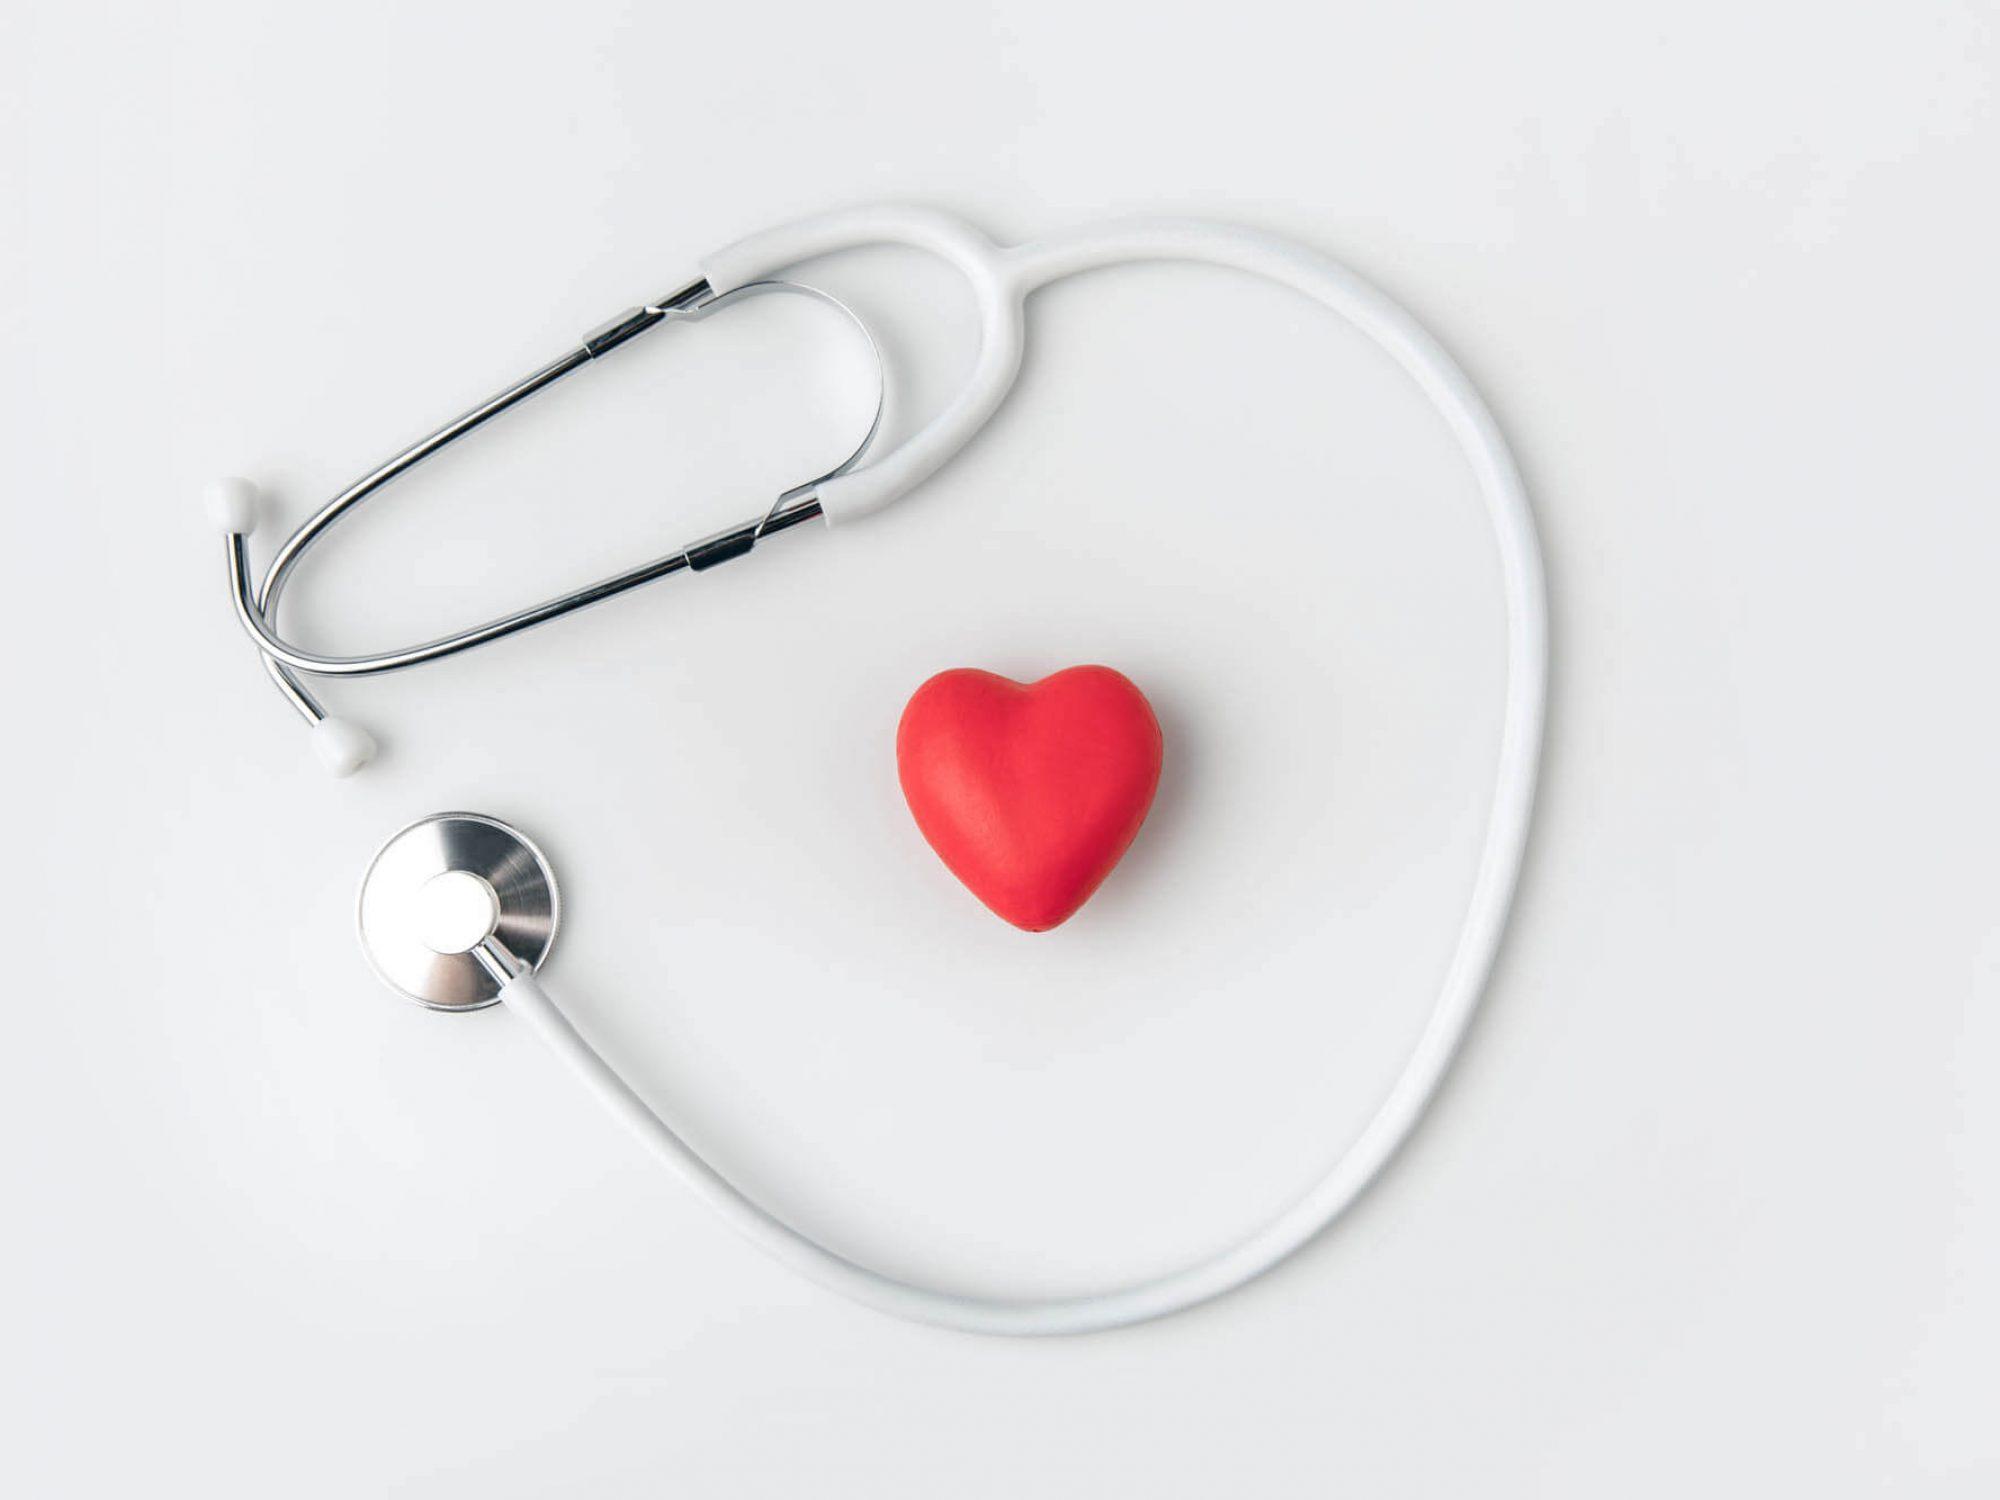 ניתוח בריאטרי יכול לסייע לבריאות הלב באופן משמעותי